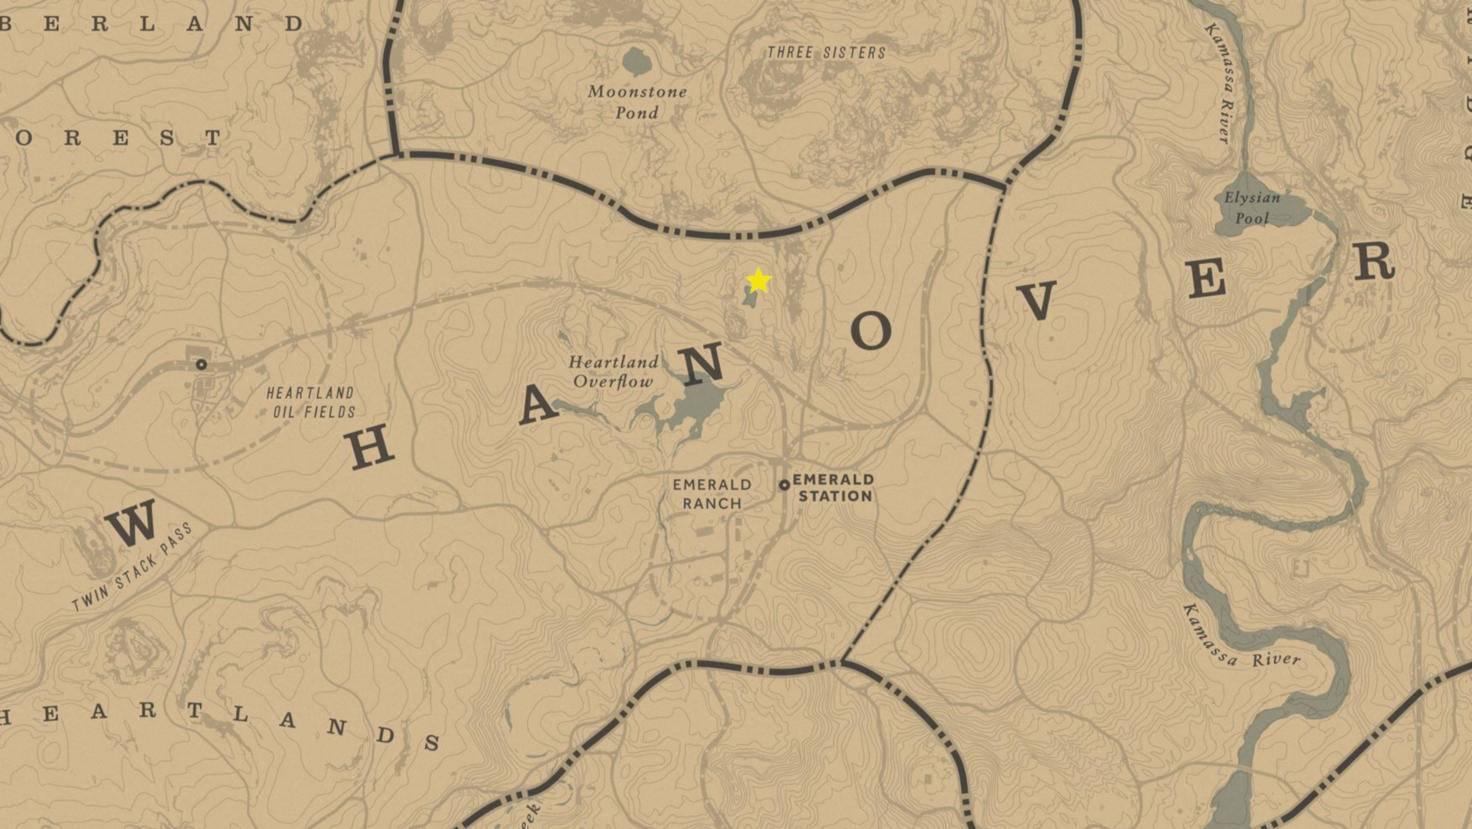 Den genauen Standort der UFO-Sichtung haben wir auf der Karte mit einem Stern markiert.